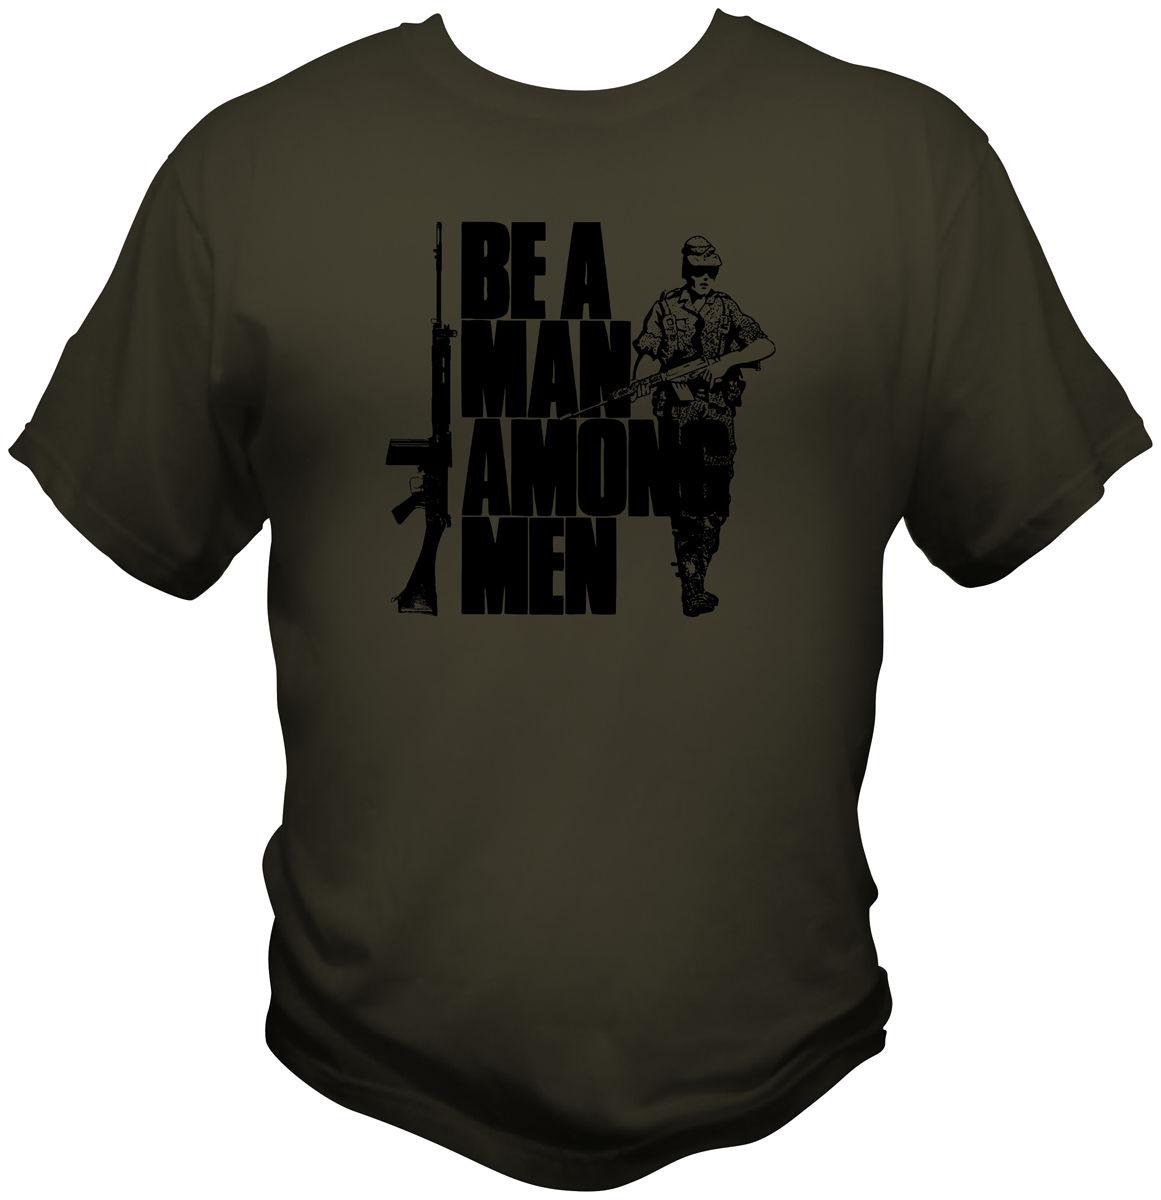 FN FAL Ein Mann Unter Männer T-shirt Rhodesian Fremdenlegion Britischen L1A1 Gewehr